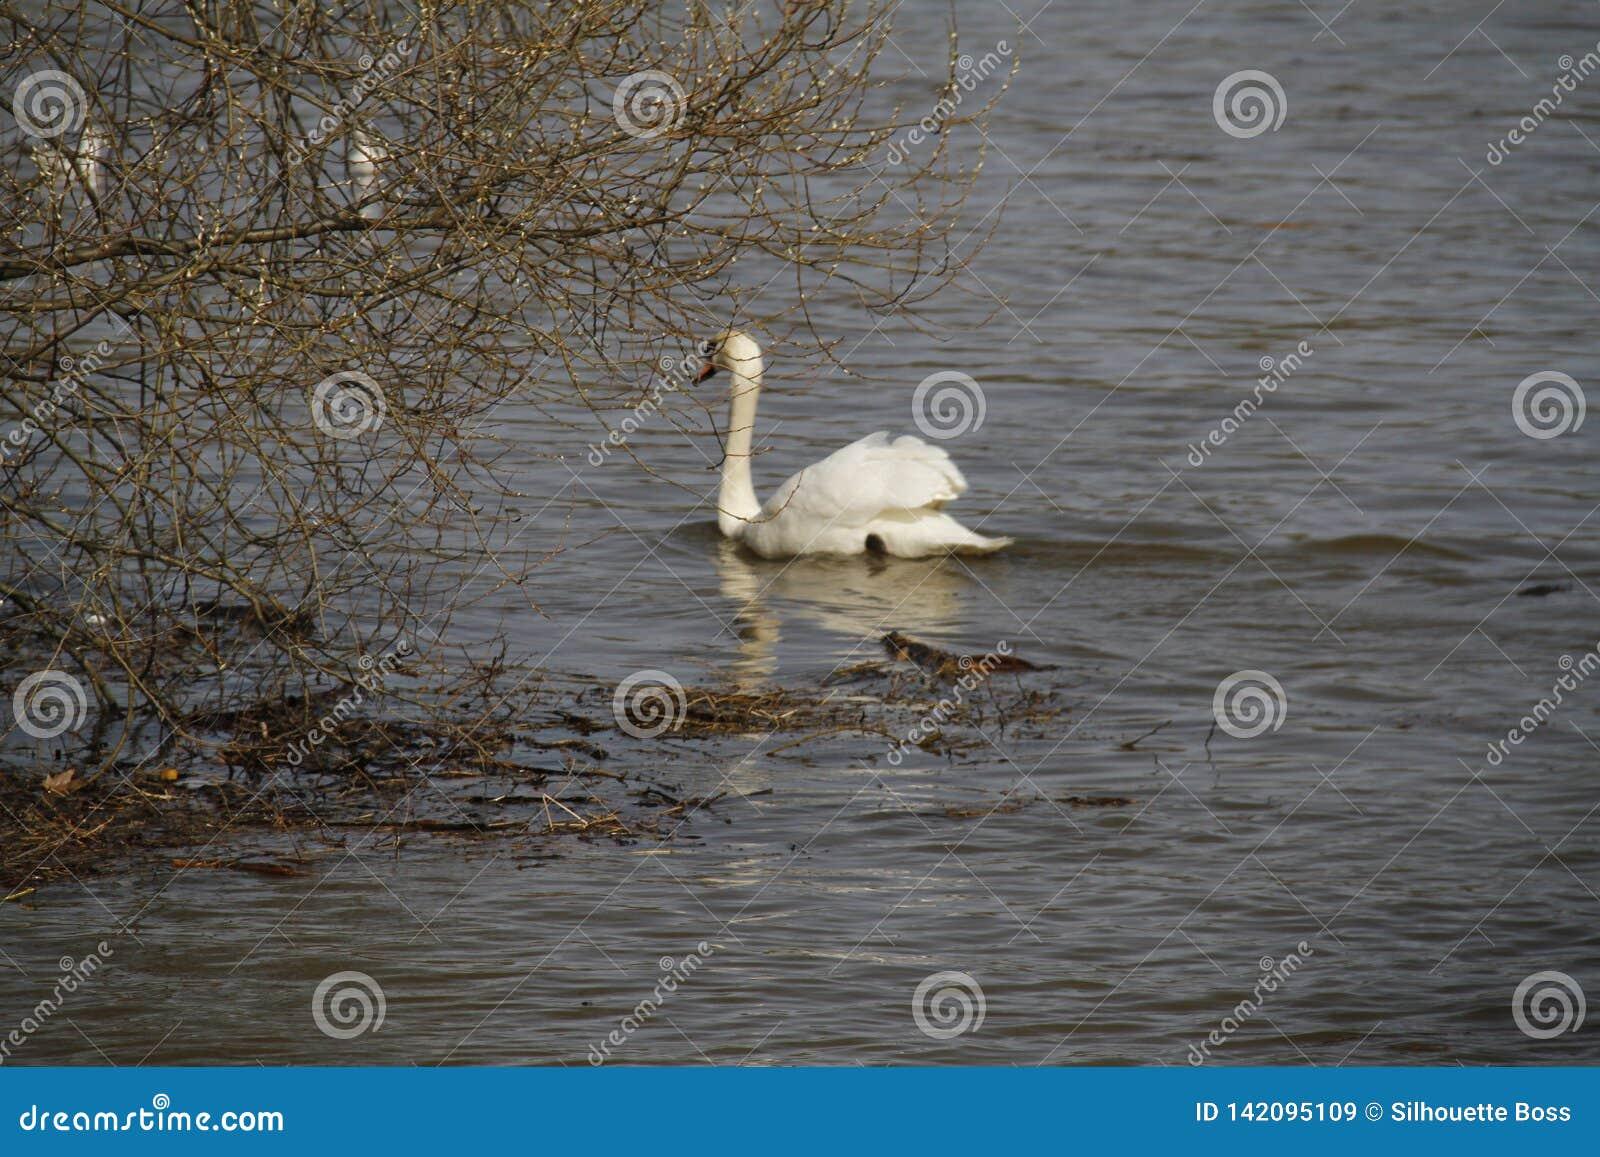 Un jeune cygne nage calmement sur l eau